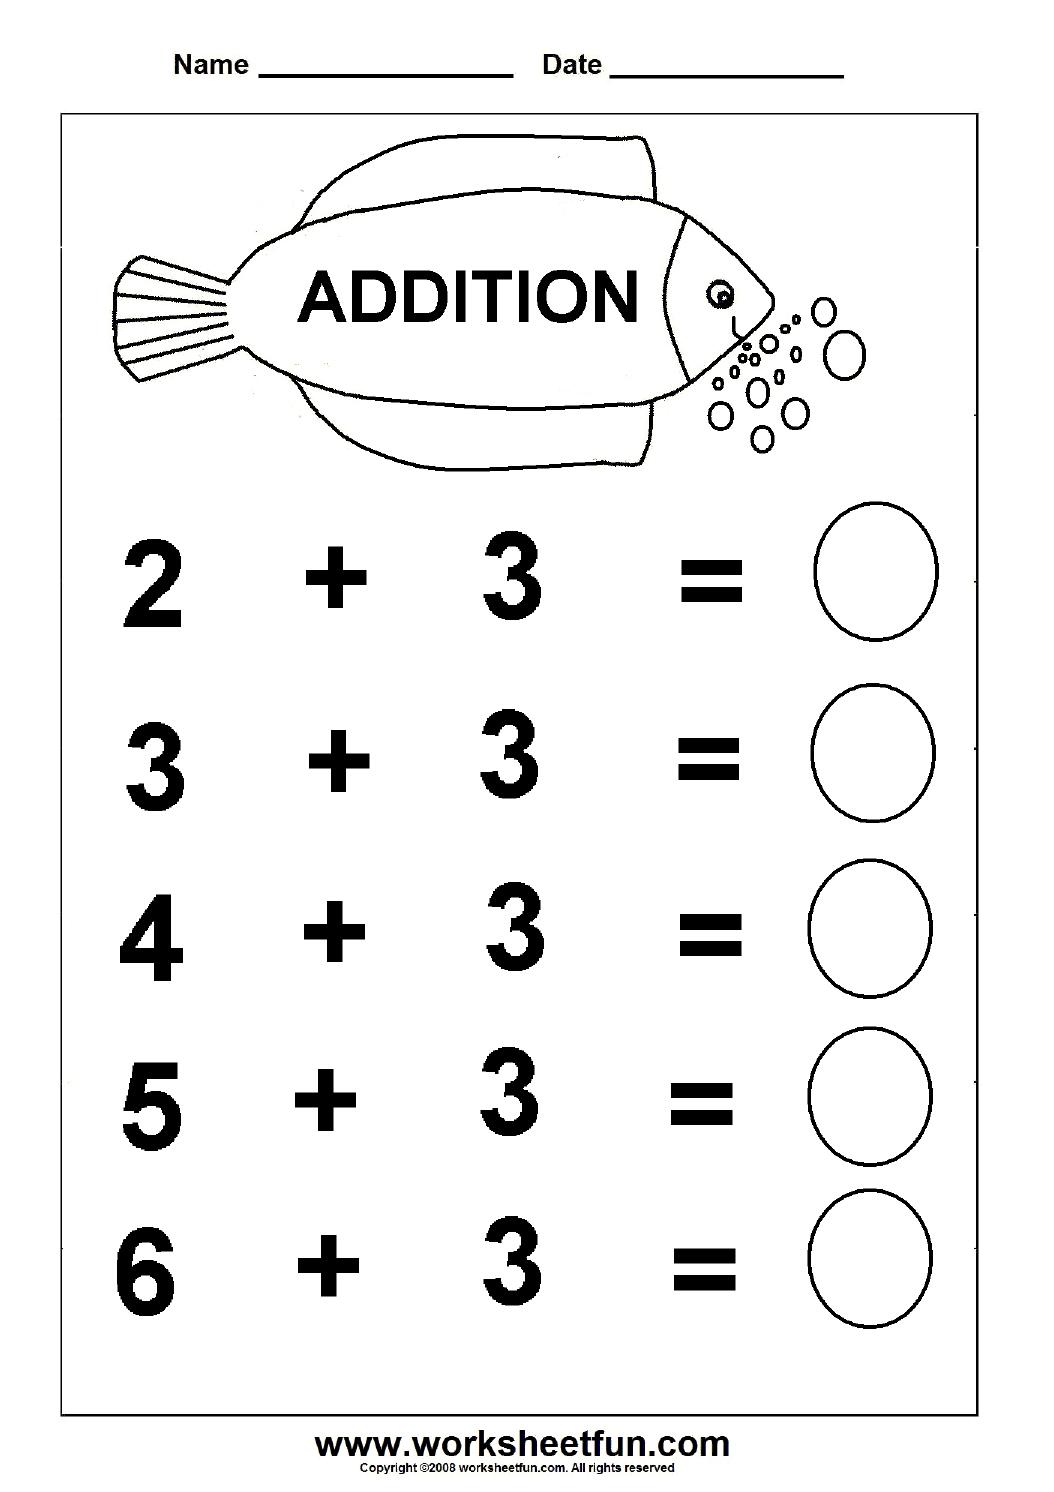 Beginner Addition – 6 Kindergarten Addition Worksheets  Free With Free Printable Math Addition Worksheets For Kindergarten